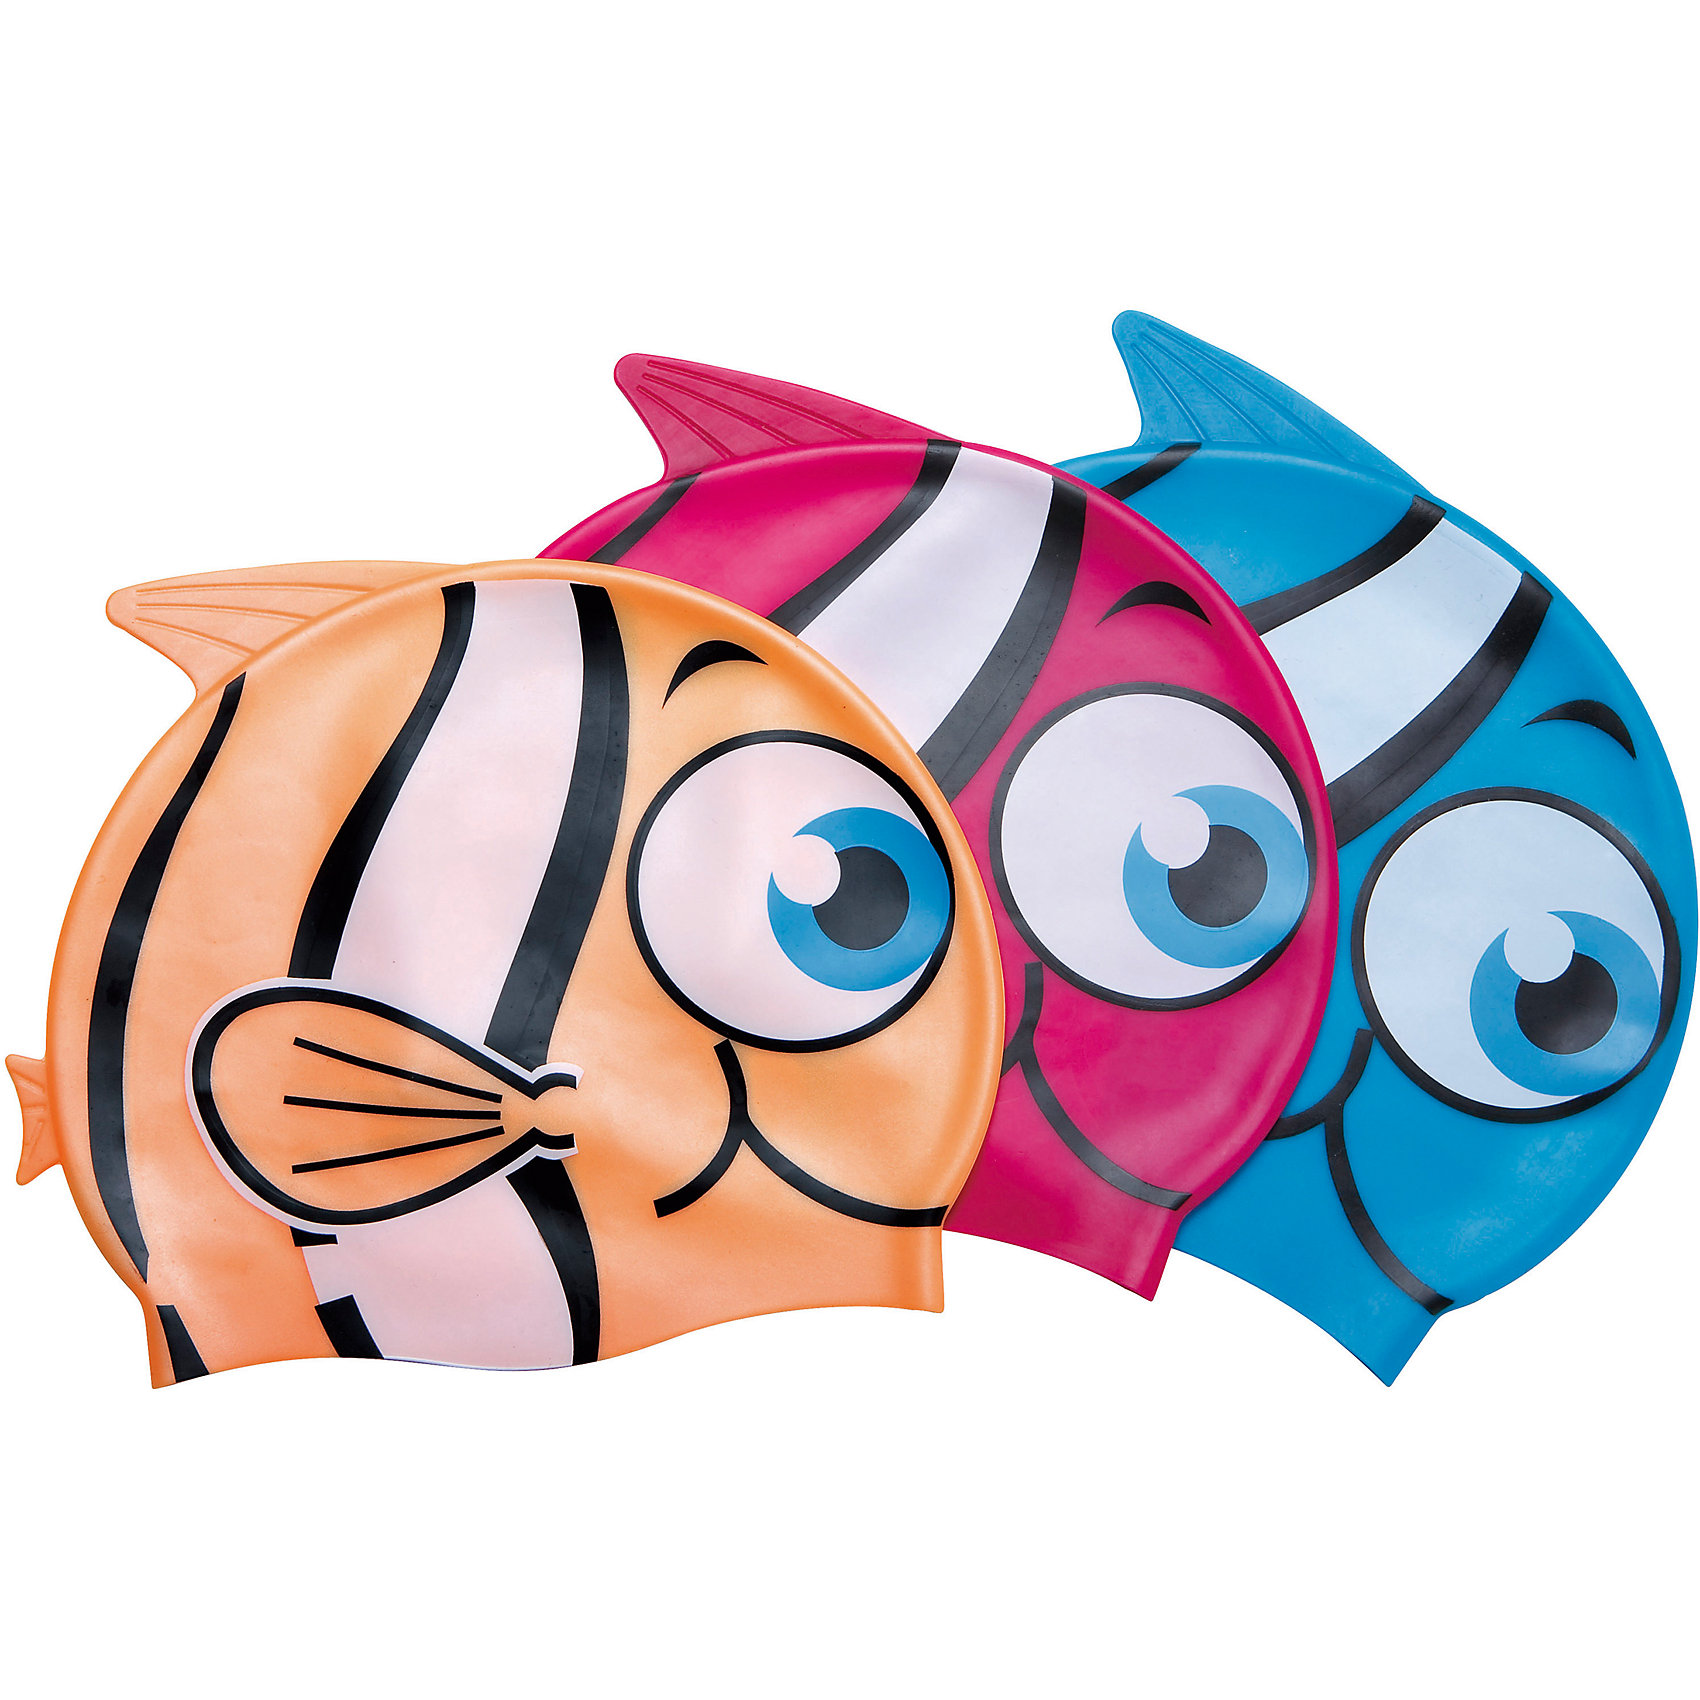 Шапочка для купания Little Buddy для детей, розовая, BestwayОчки, маски, ласты, шапочки<br>Шапочка для купания Little Buddy для детей, розовая, Bestway (Бествей)<br><br>Характеристики:<br><br>• растягивается до нужного размера<br>• надежно защищает волосы<br>• водонепроницаемый  материал<br>• материал: силикон<br>• цвет: розовый<br>• размер упаковки: 15,2х13х29,5 см<br>• вес: 61 грамм<br><br>Яркая шапочка для купания всегда будет радовать юного пловца. Шапочка изготовлена из качественного силикона, который хорошо растягивается до нужного размера и надежно облегает голову, защищая волосы от воды. Шапка выполнена в виде красивой рыбки с большими глазками. Сверху располагается плавник, придающий еще больше реалистичности. В яркой шапочке маленький спортсмен будет плавать с удовольствием!<br><br>Шапочку для купания Little Buddy для детей, розовую, Bestway (Бествей) вы можете купить в нашем интернет-магазине.<br><br>Ширина мм: 295<br>Глубина мм: 130<br>Высота мм: 152<br>Вес г: 61<br>Возраст от месяцев: 36<br>Возраст до месяцев: 2147483647<br>Пол: Женский<br>Возраст: Детский<br>SKU: 5486866